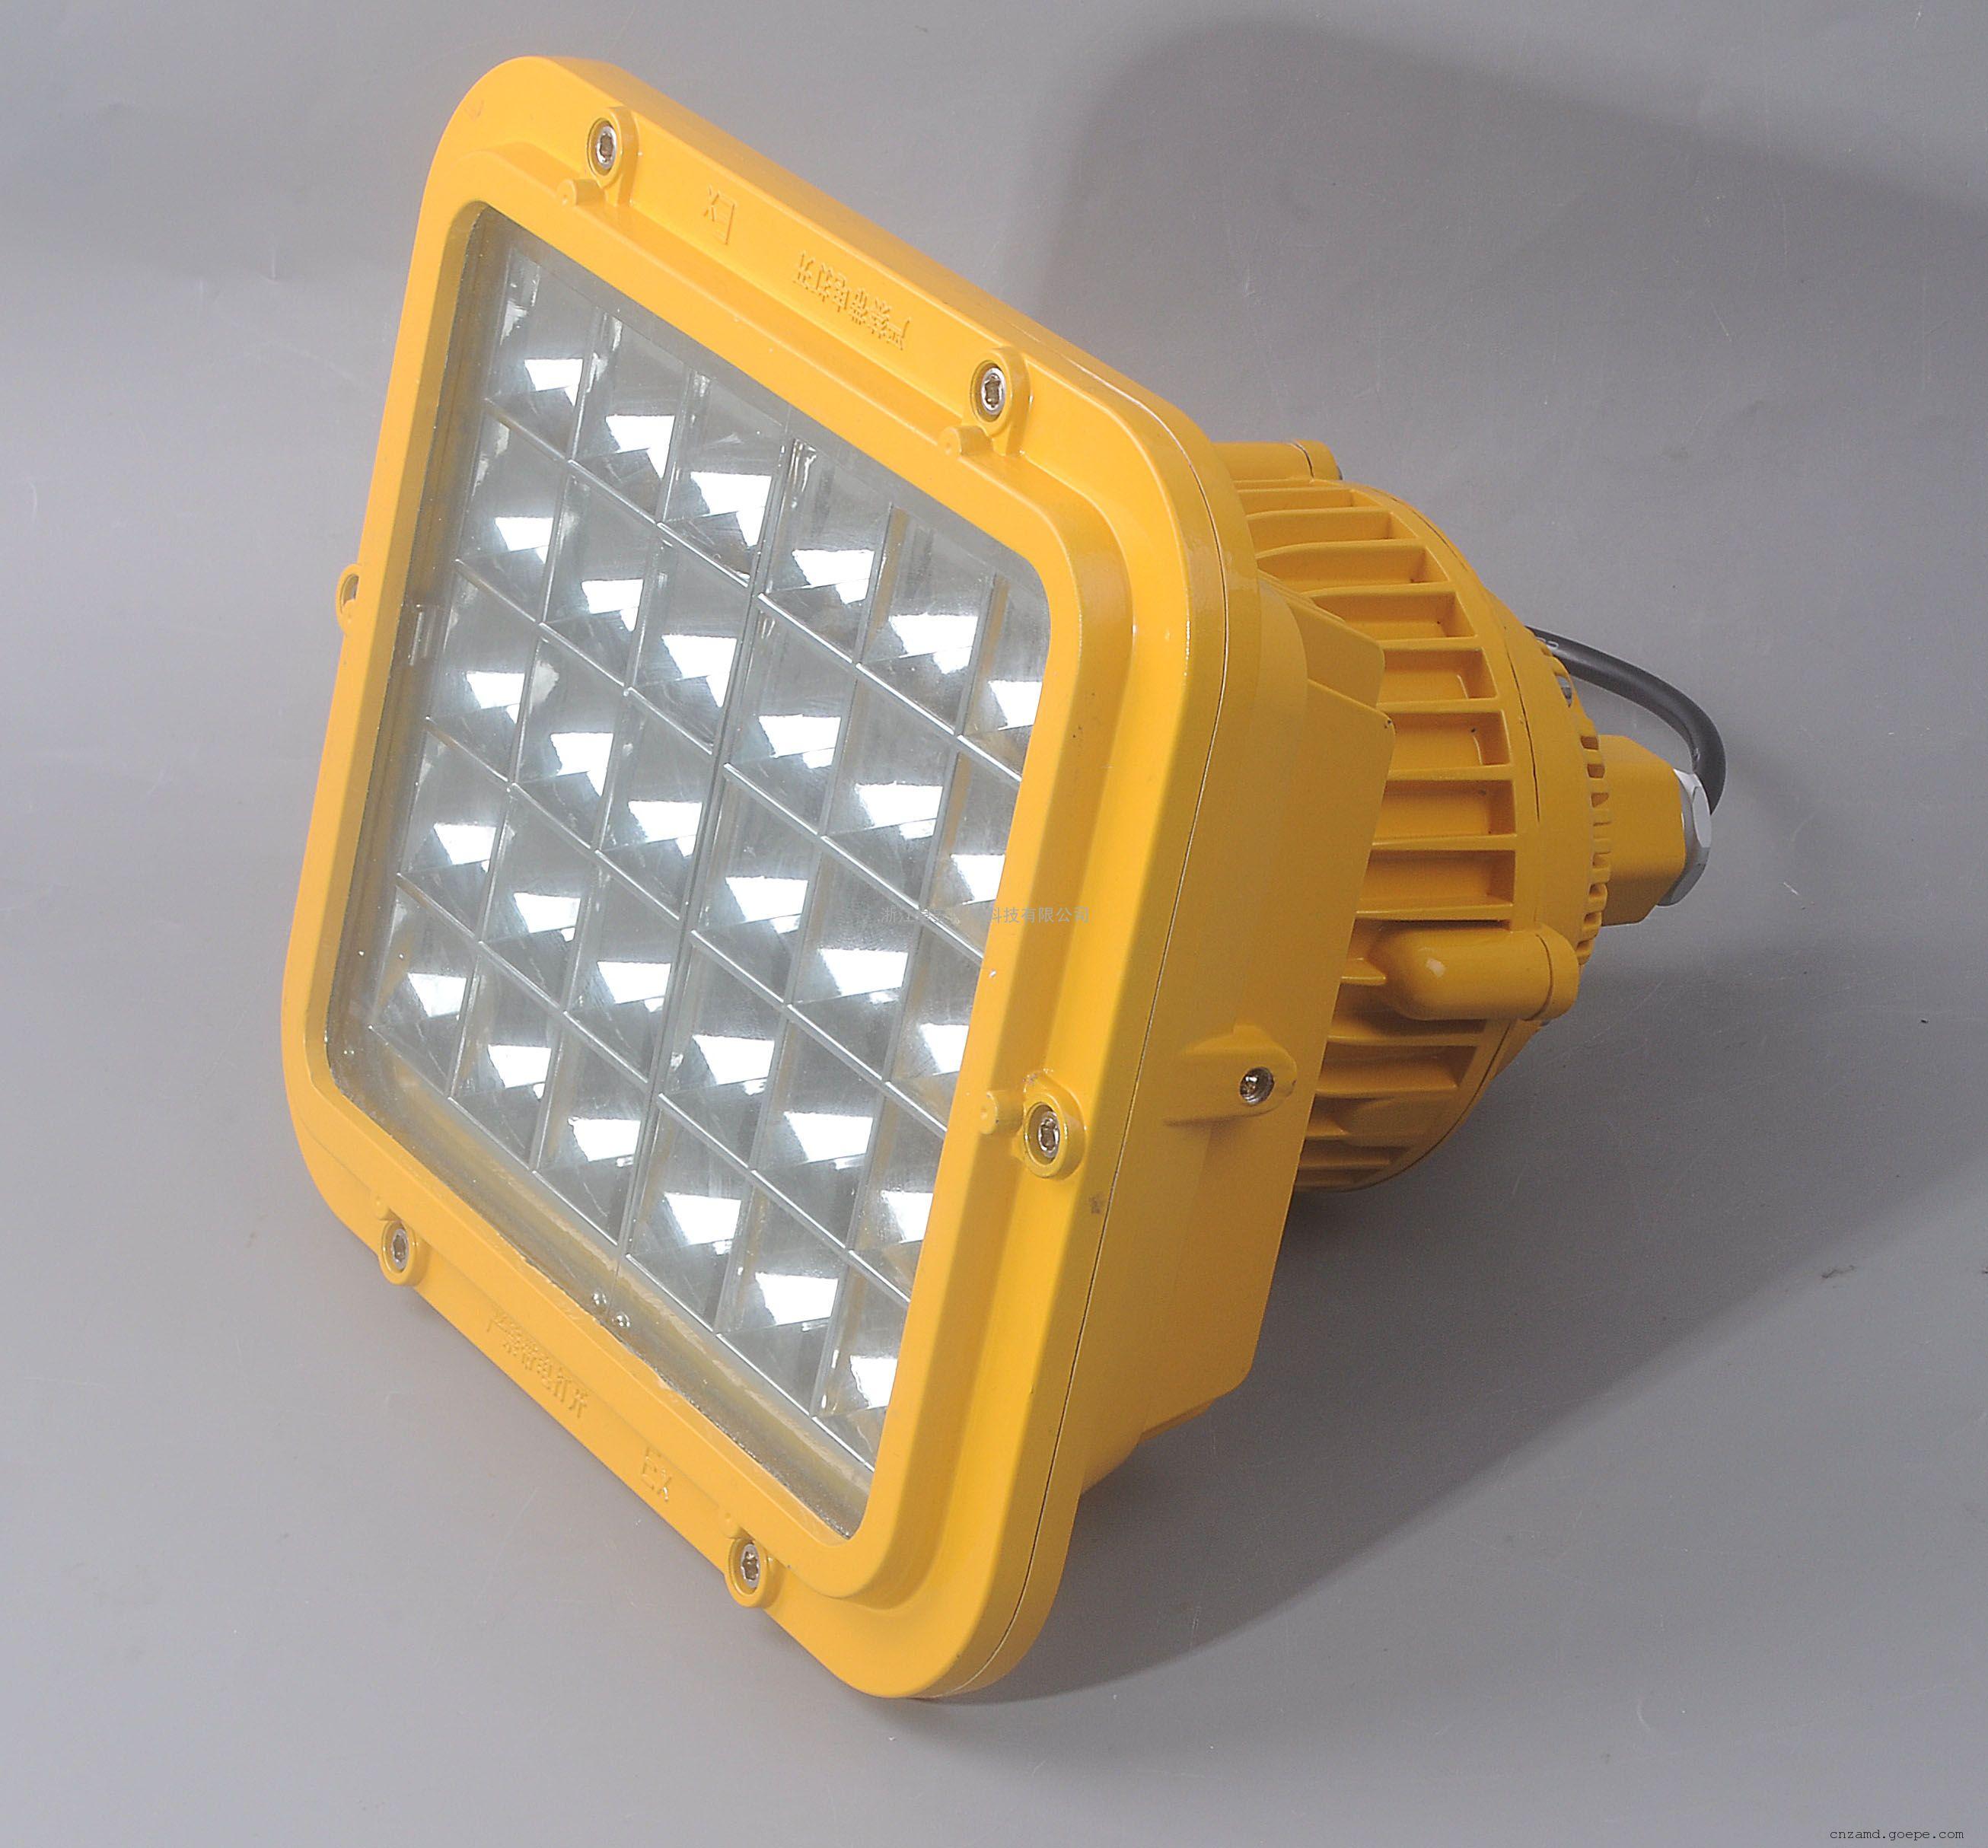 高效节能LED防爆灯 加油站专用 壁式 吸顶式